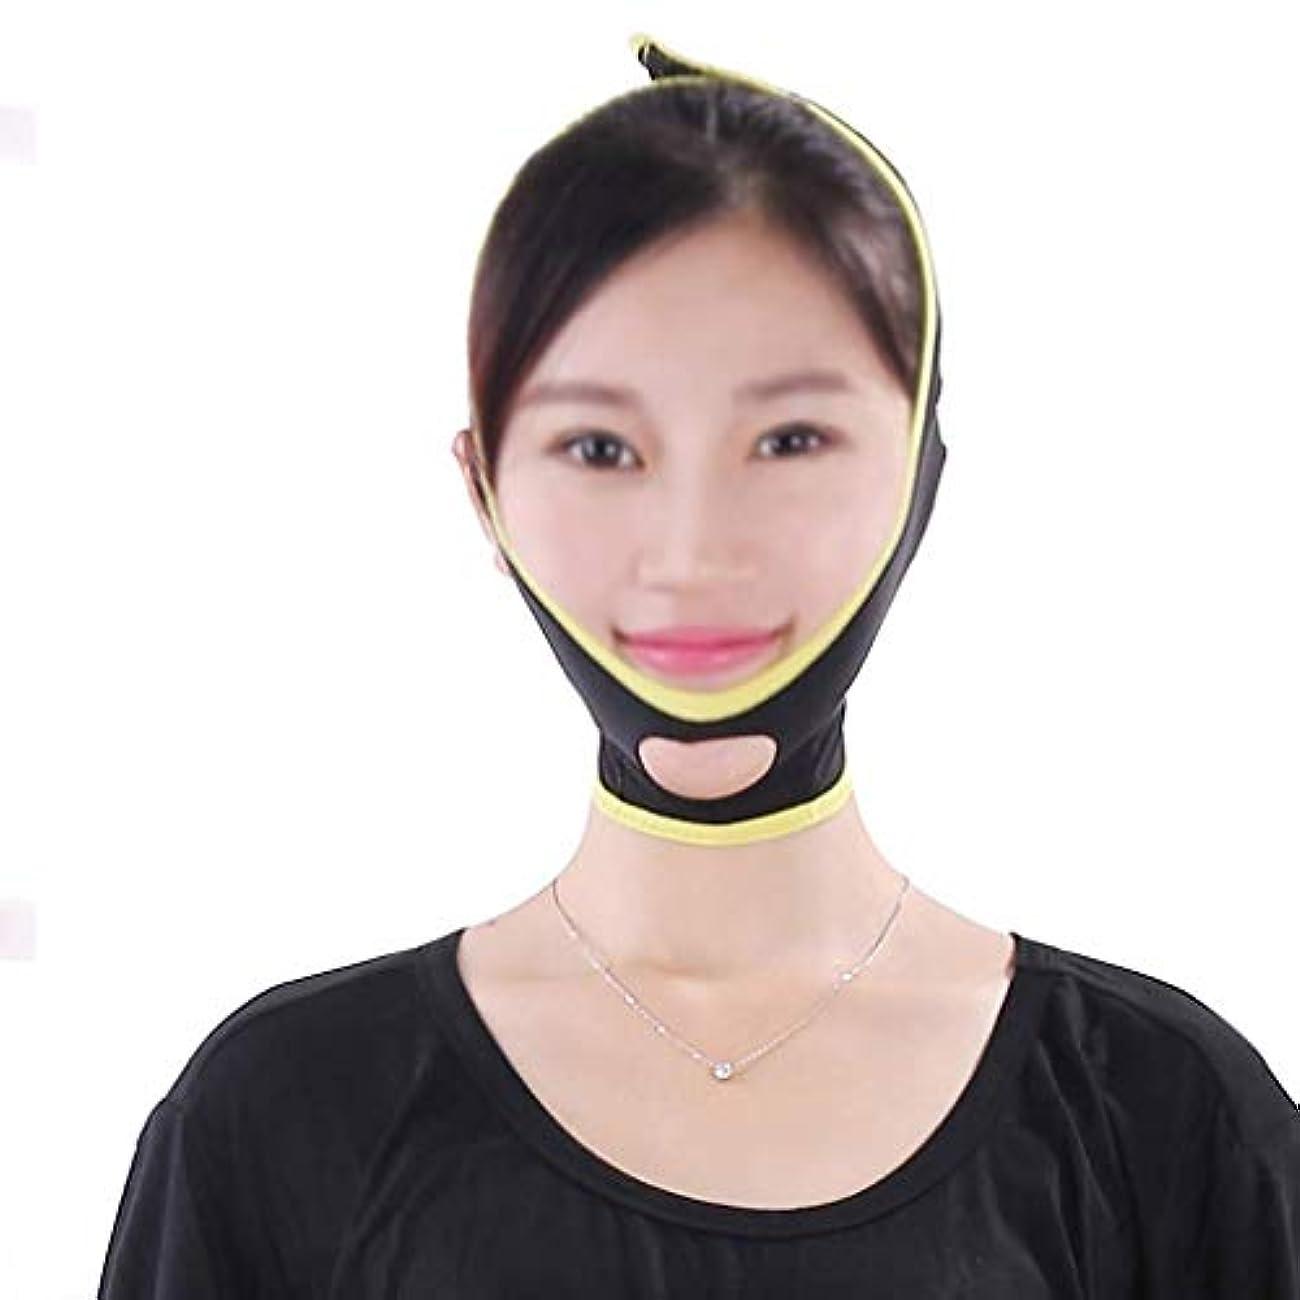 報酬にはまって対人フェイシャルマスク、男性と女性のフェイスリフティングアーティファクト包帯美容リフティングファーミングサイズVフェイスダブルチン睡眠マスク埋め込みシルク彫刻スリミングベルト(サイズ:M)